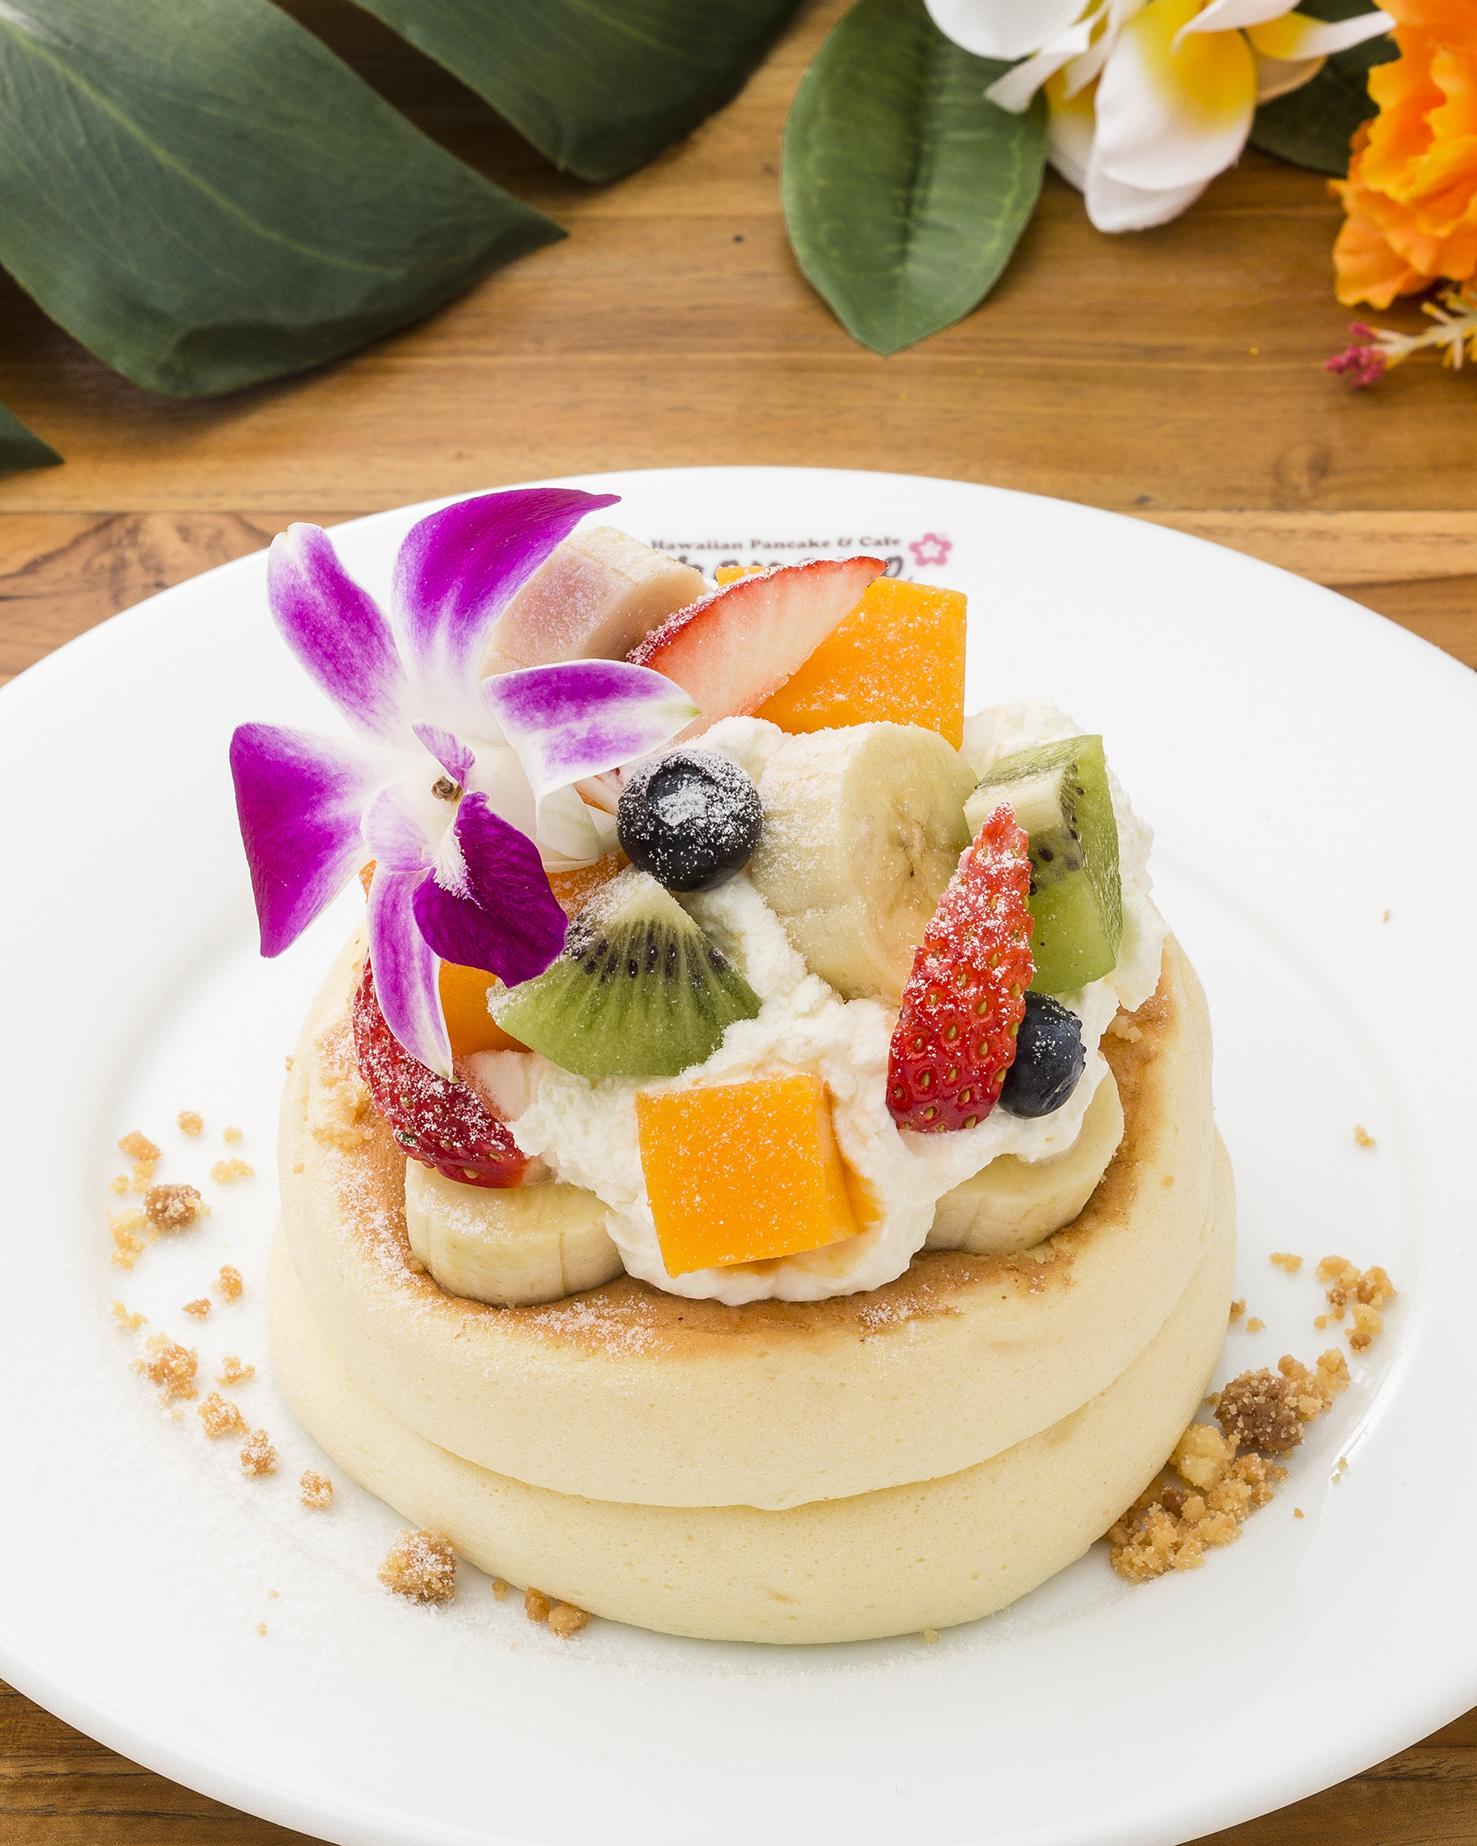 Hawaiian Pancake&Cafe Merengueの画像